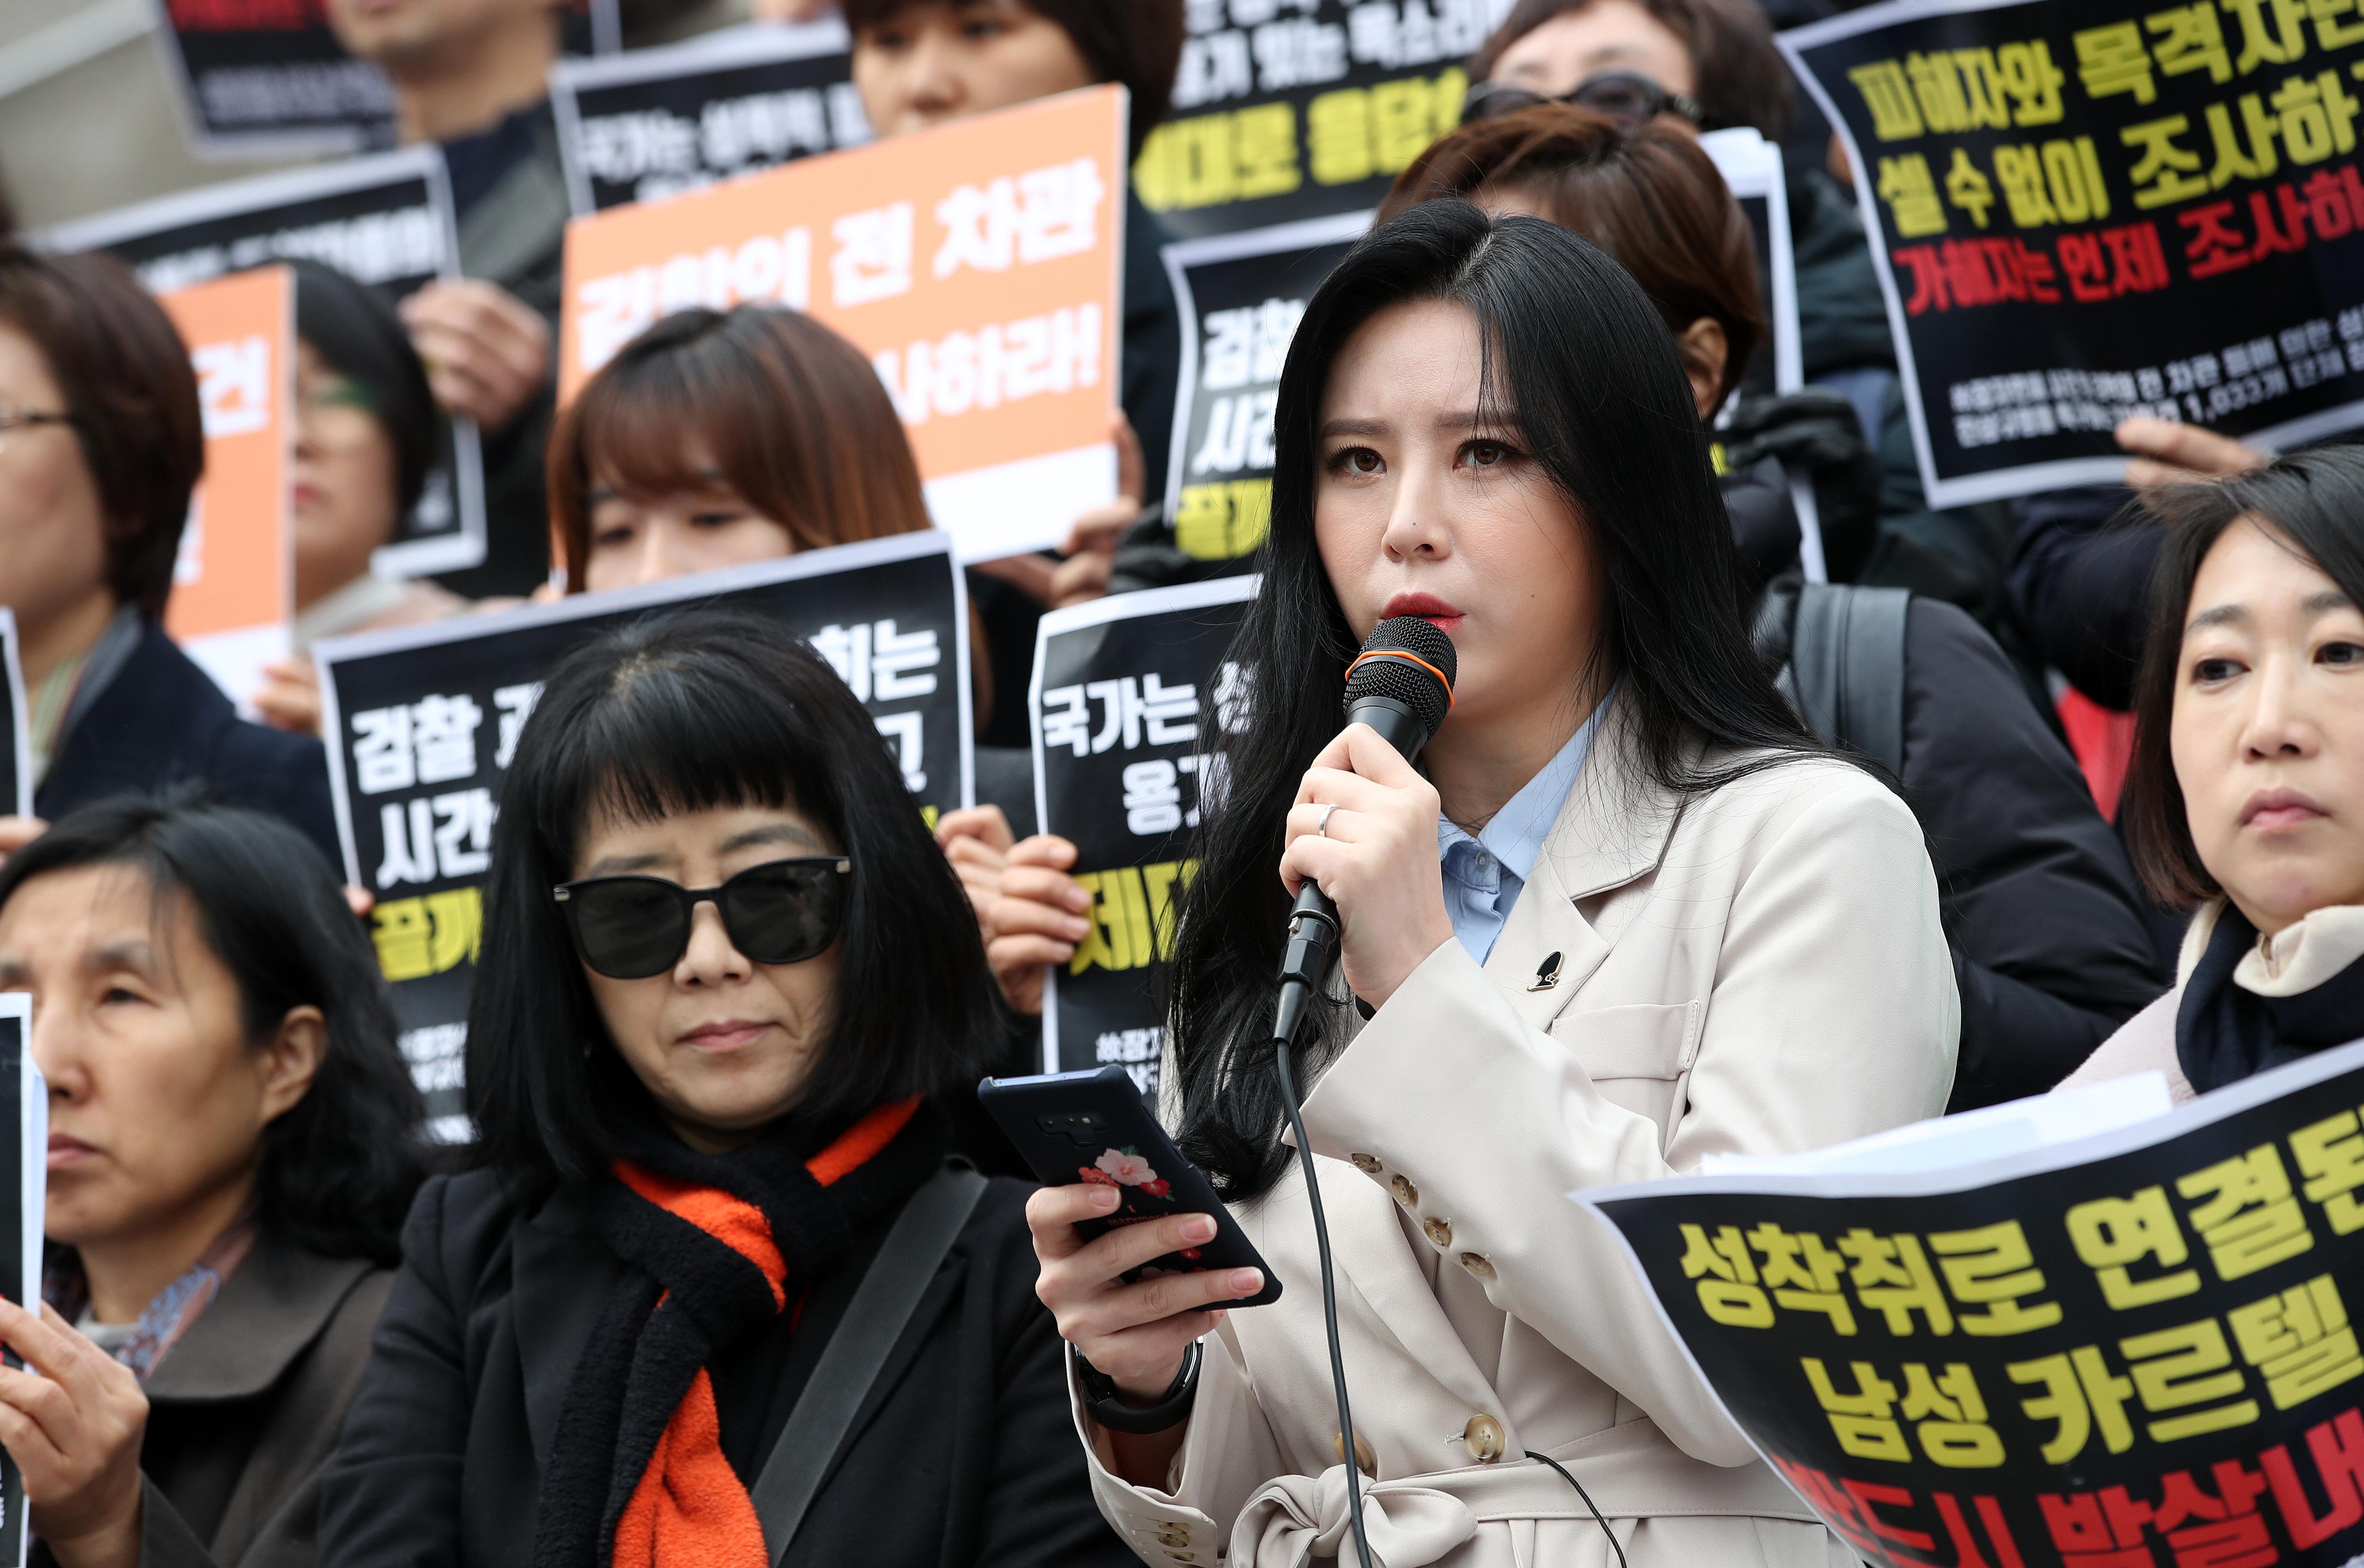 故 장자연 사건의 증인 윤지오가 '의무기록 증명서'를 공개한